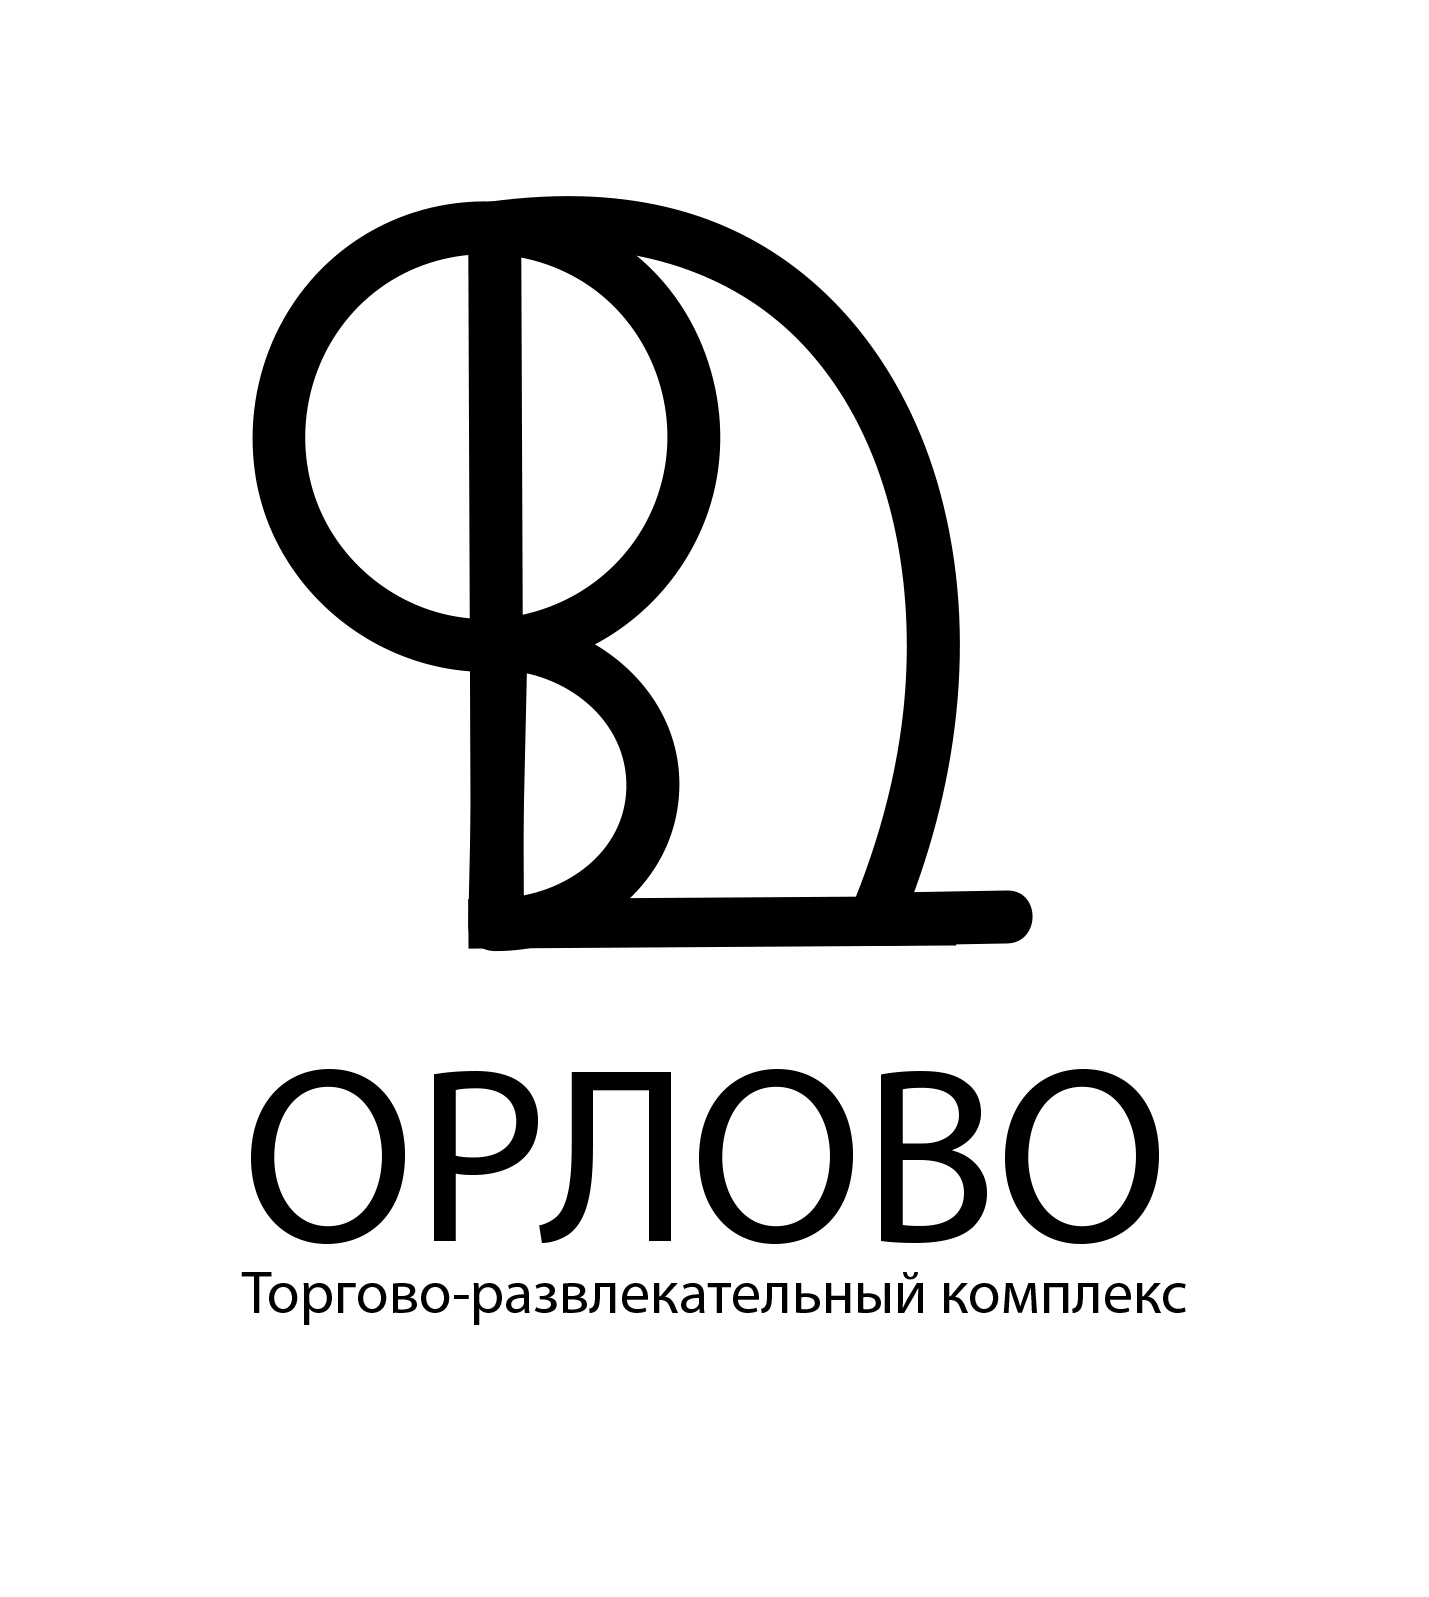 Разработка логотипа для Торгово-развлекательного комплекса фото f_8045964c9f41b9a4.jpg